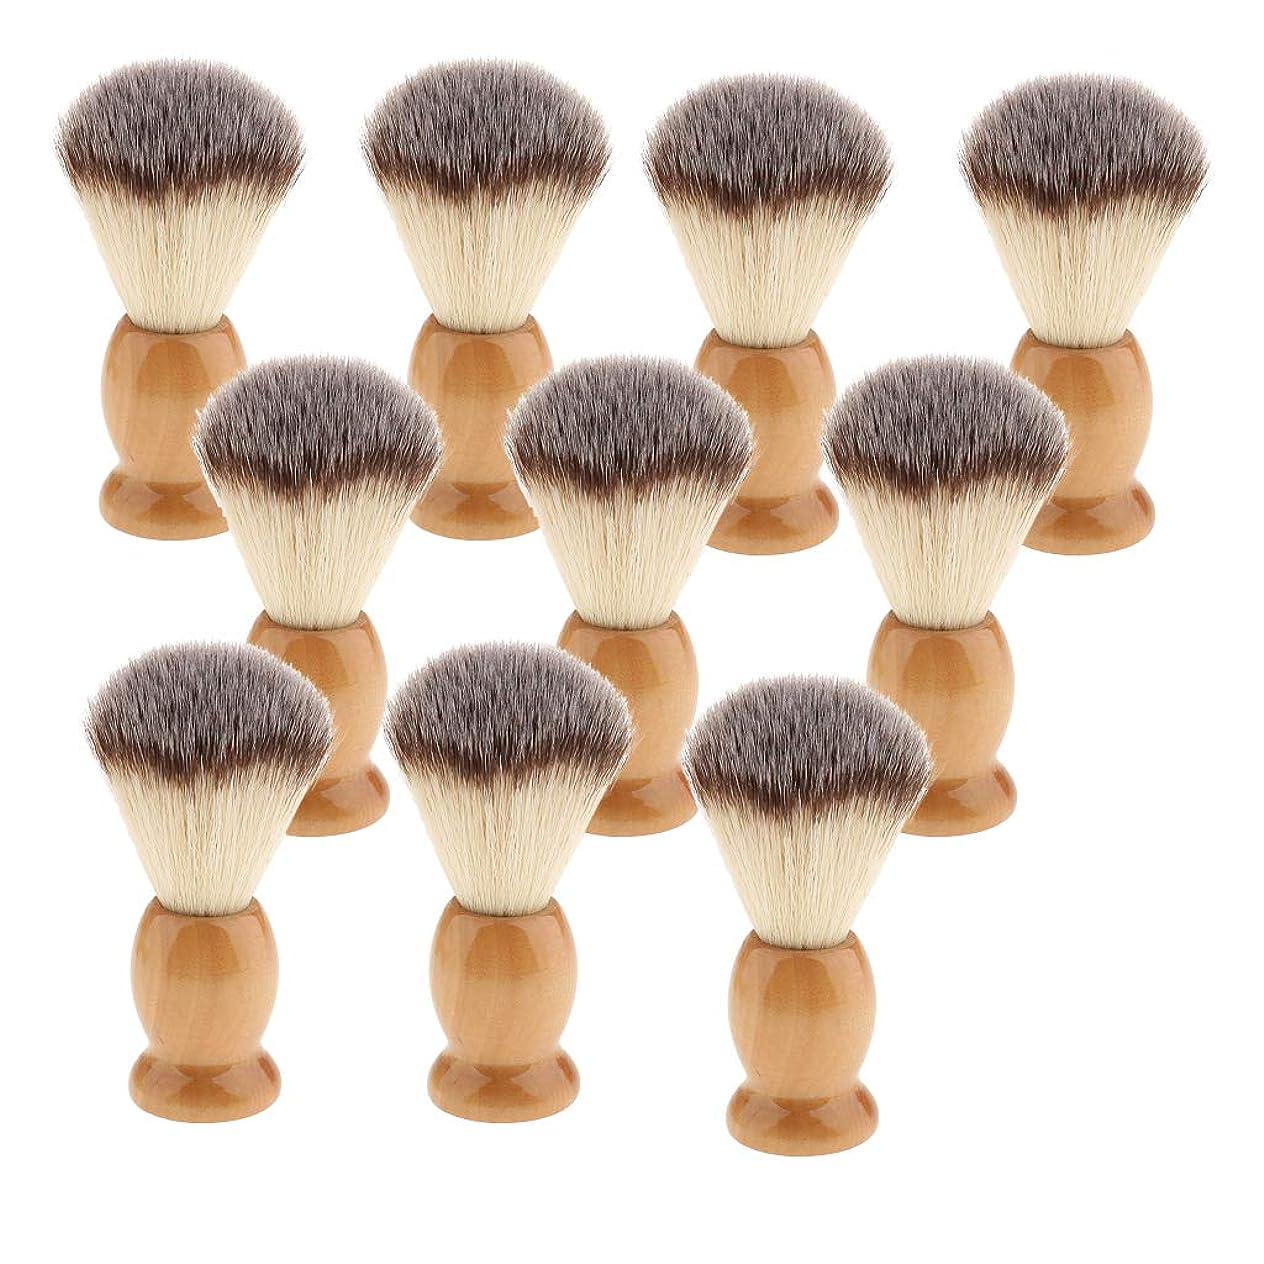 ボード参照する指令dailymall 10ピース木製ハンドルサロン男性ひげ口ひげグルーミングシェービングブラシツール